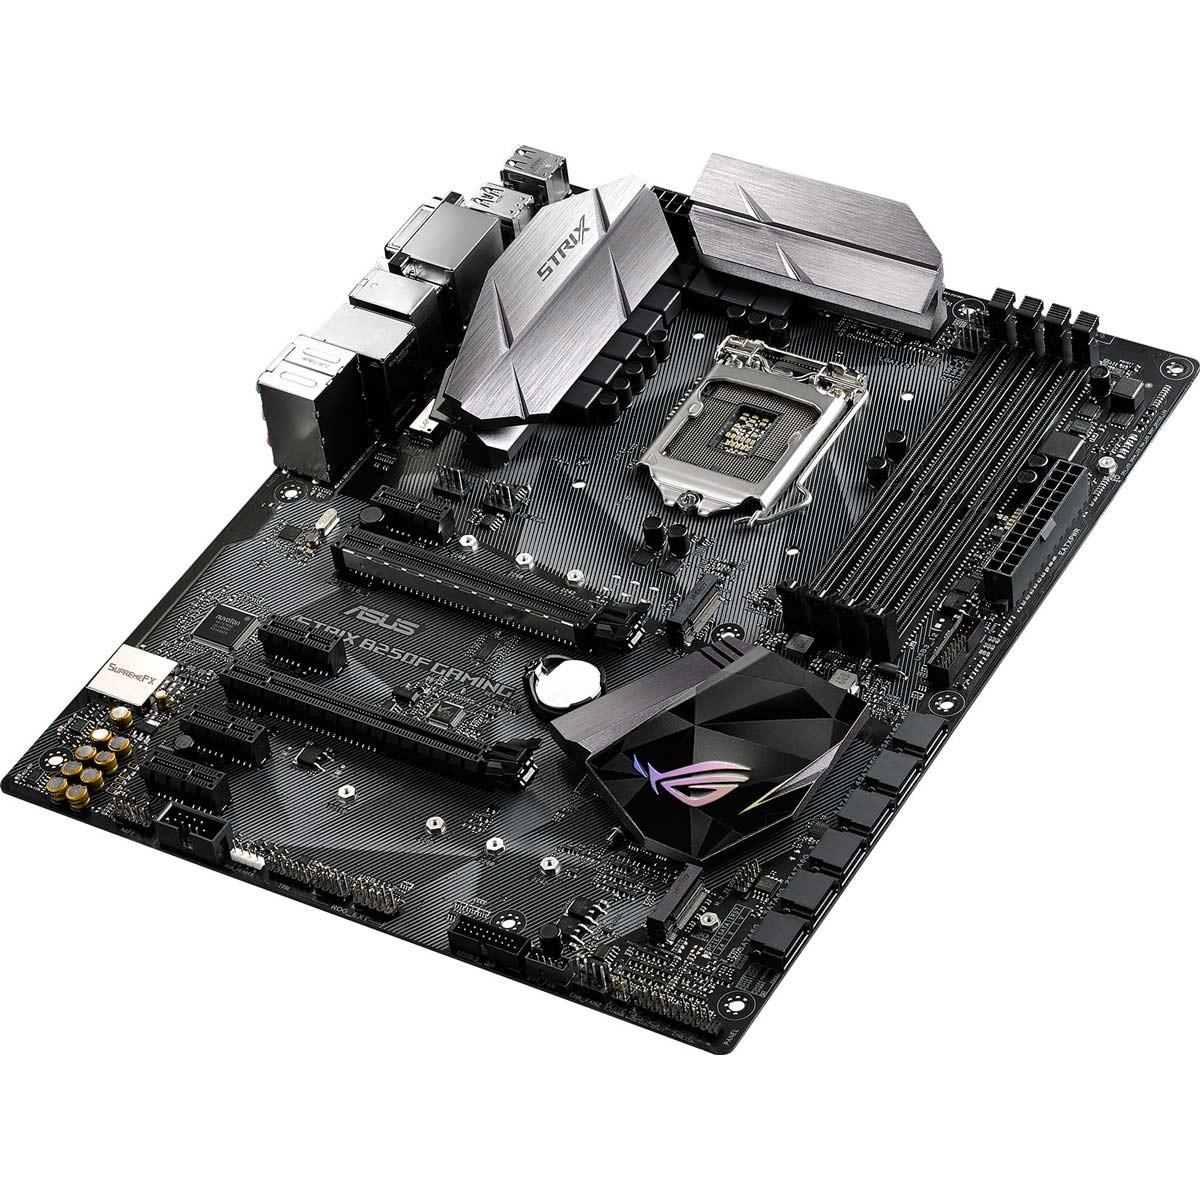 ASUS ROG B250F-STRIX  Motherboard